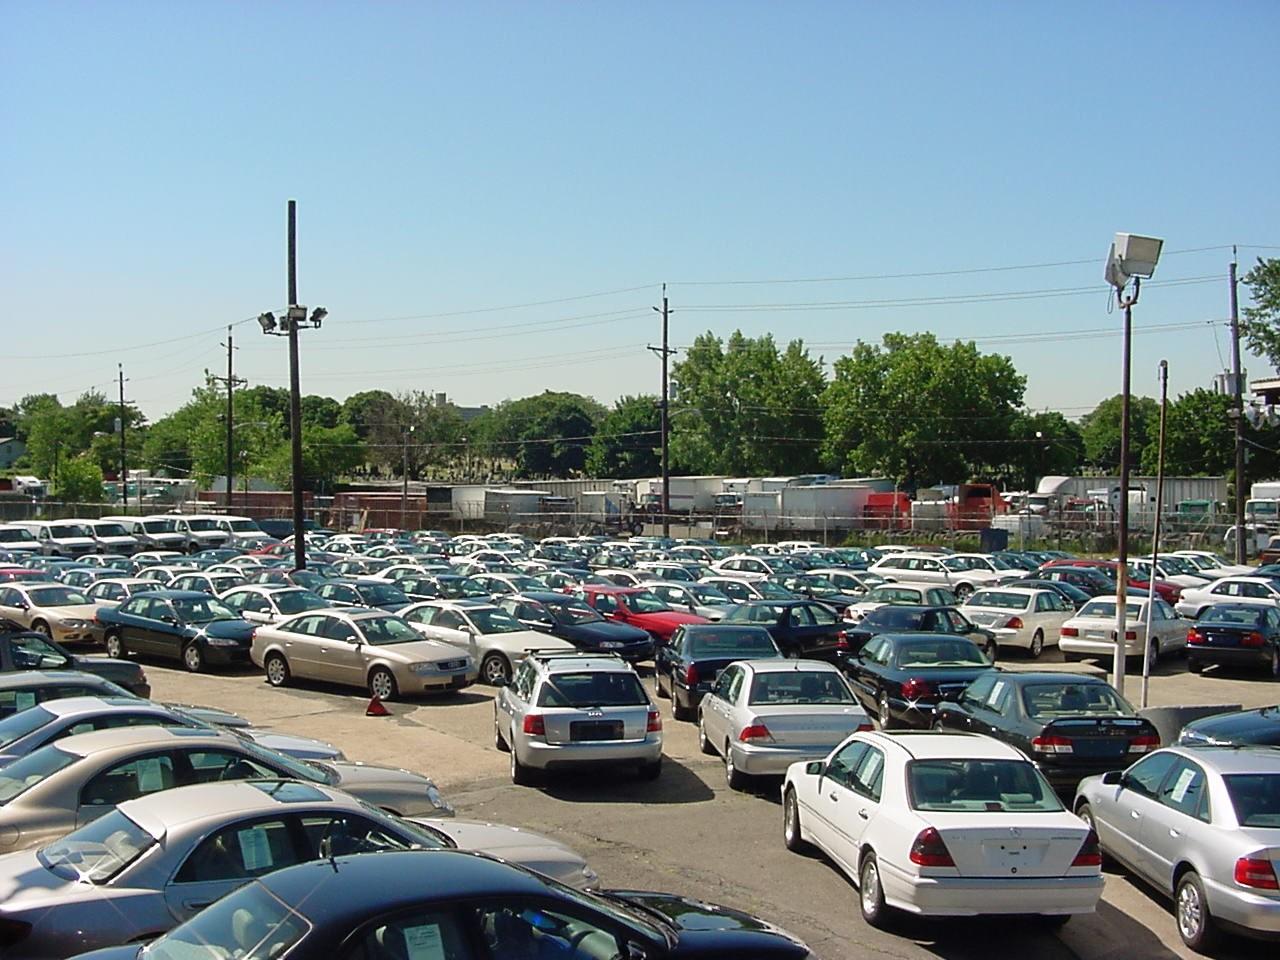 51 سيارة بانتظارك في مزاد جمارك الاسكندرية للسيارات المستعملة ... إليكم التفاصيل